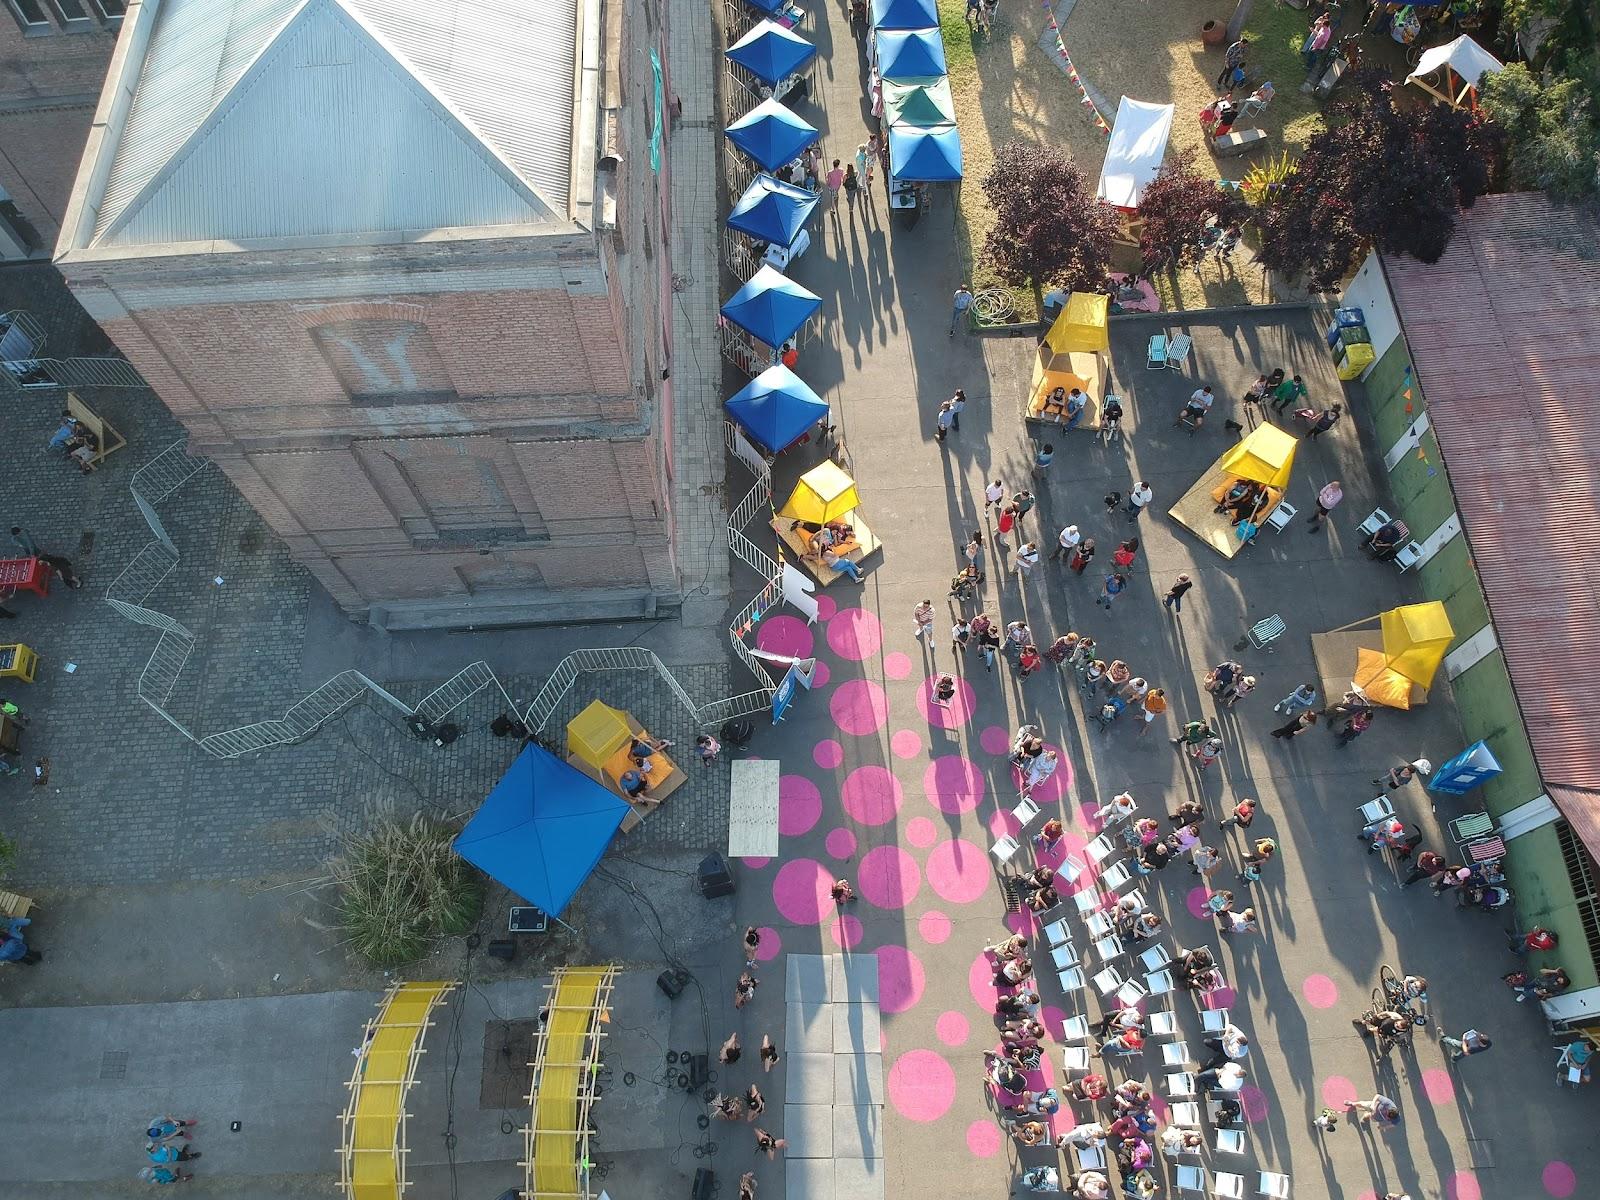 Ações de urbanismo tático fortalecem vias públicas como os espaços para ocupação de pessoas. (Fonte: Projeto Ciudad Emergente)